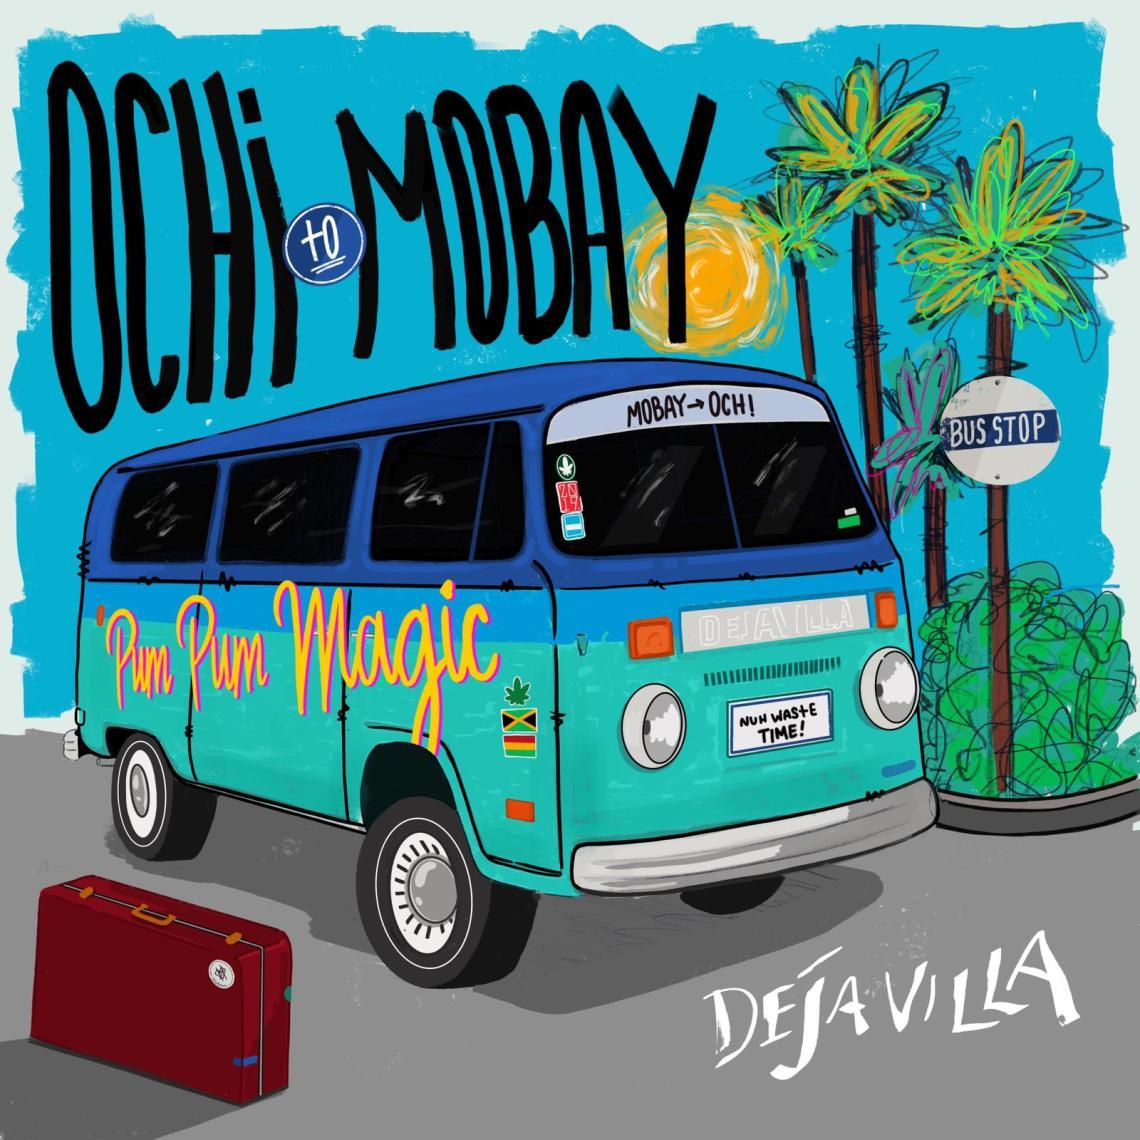 DejaVilla - Ochi to MoBay